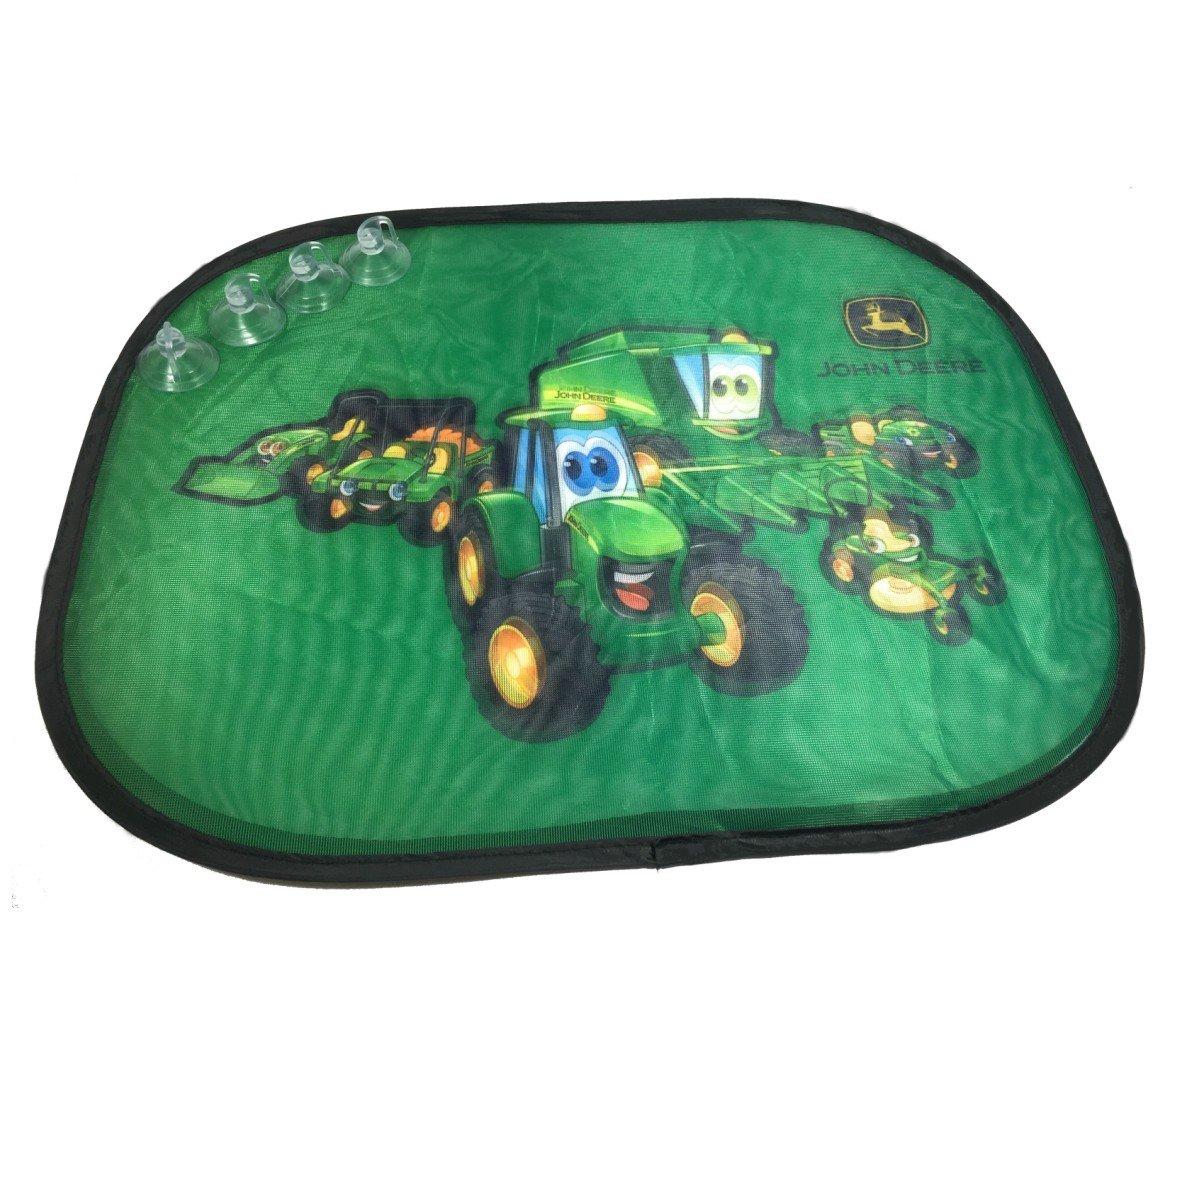 JOHN DEERE Kinder Auto-Sonnenschutz Set Sichtschutz Sonnenblende 2 St/ück